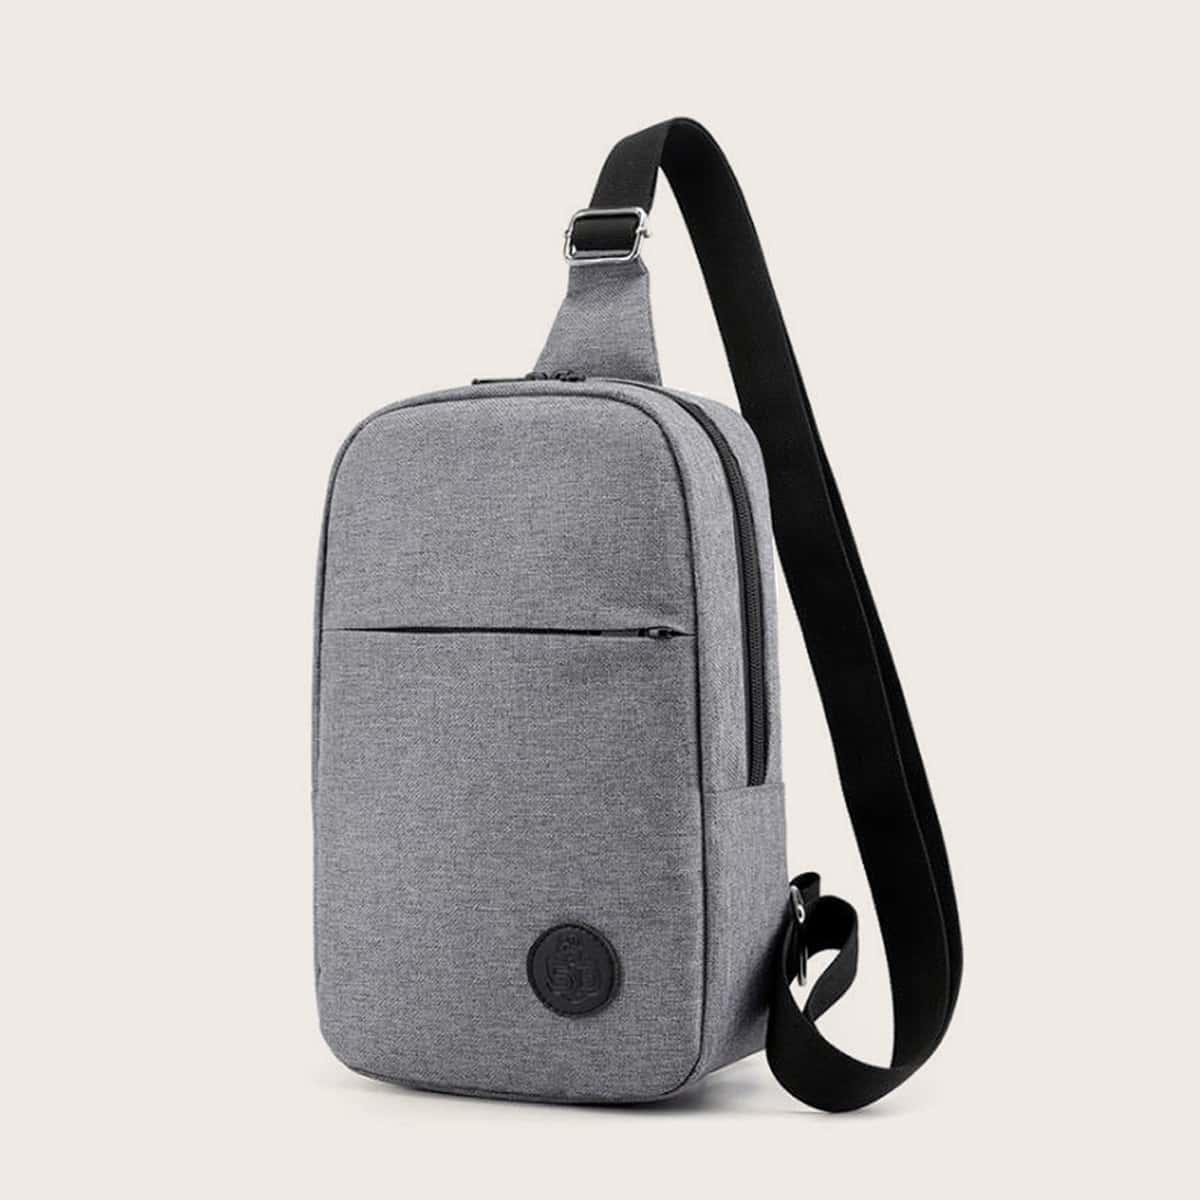 Mannen minimalistische sling bag met USB-poort